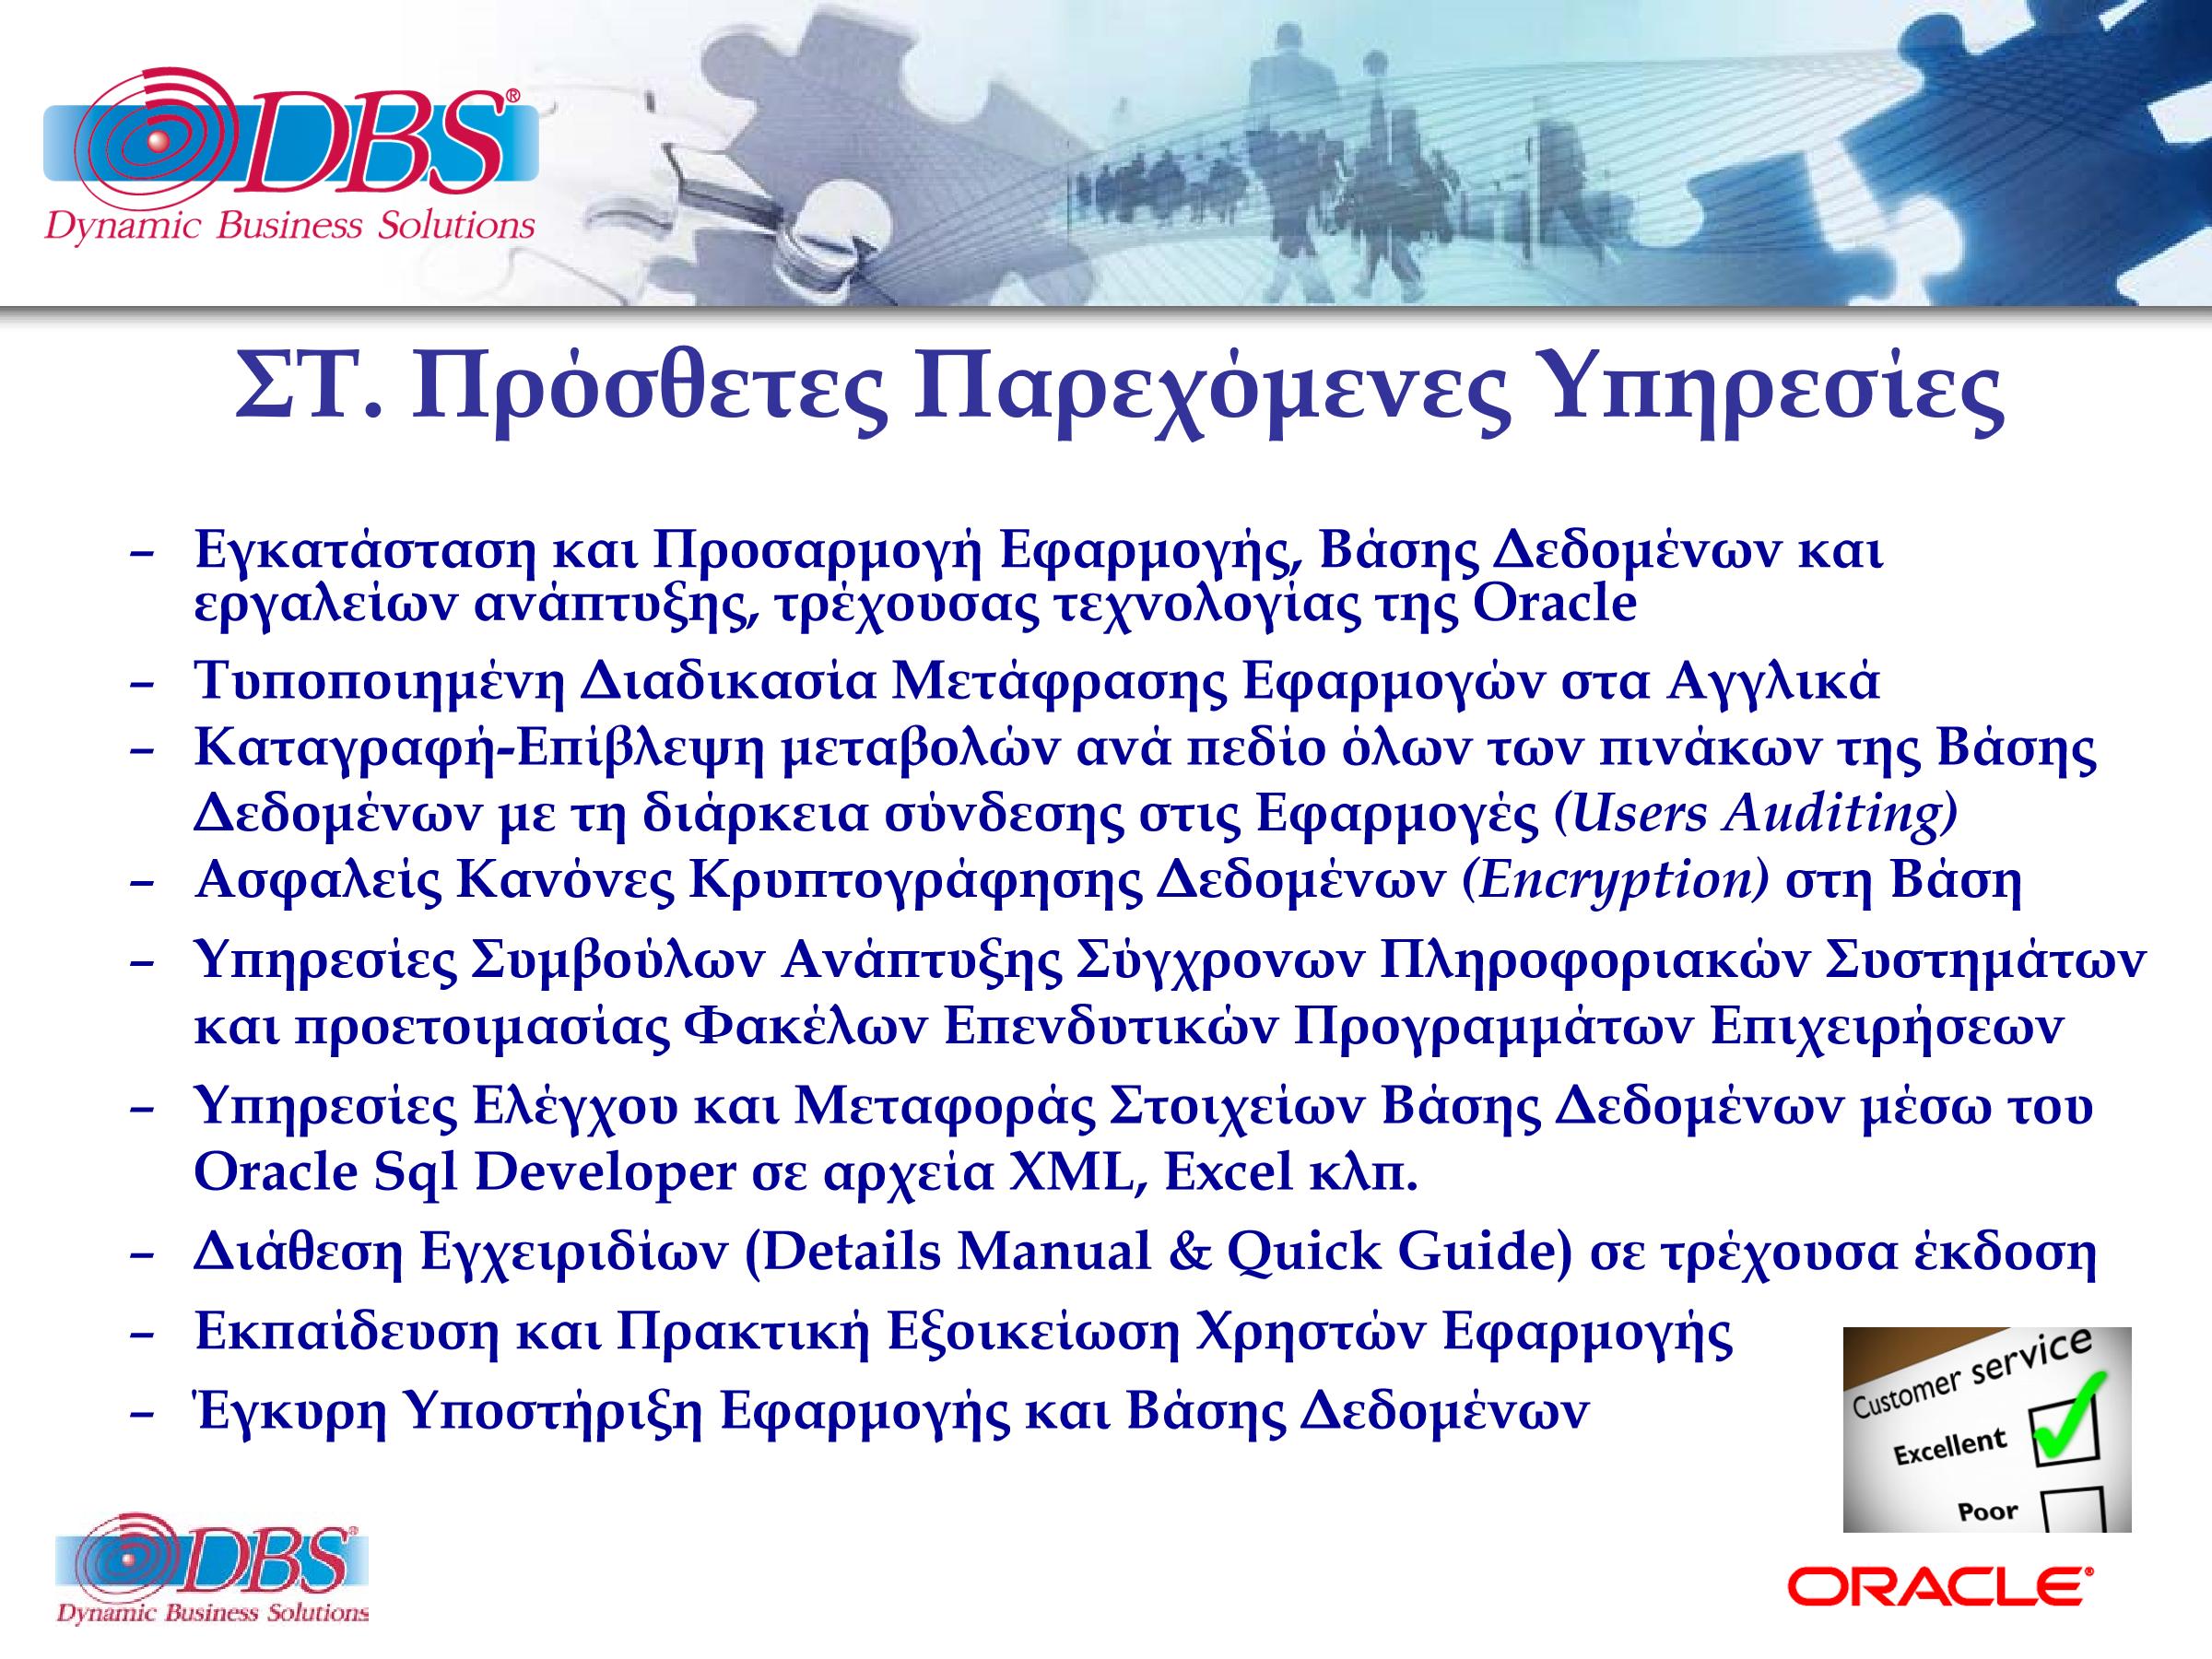 DBSDEMO2019_COMPANY_SERVICES_V18_R12-EL-24